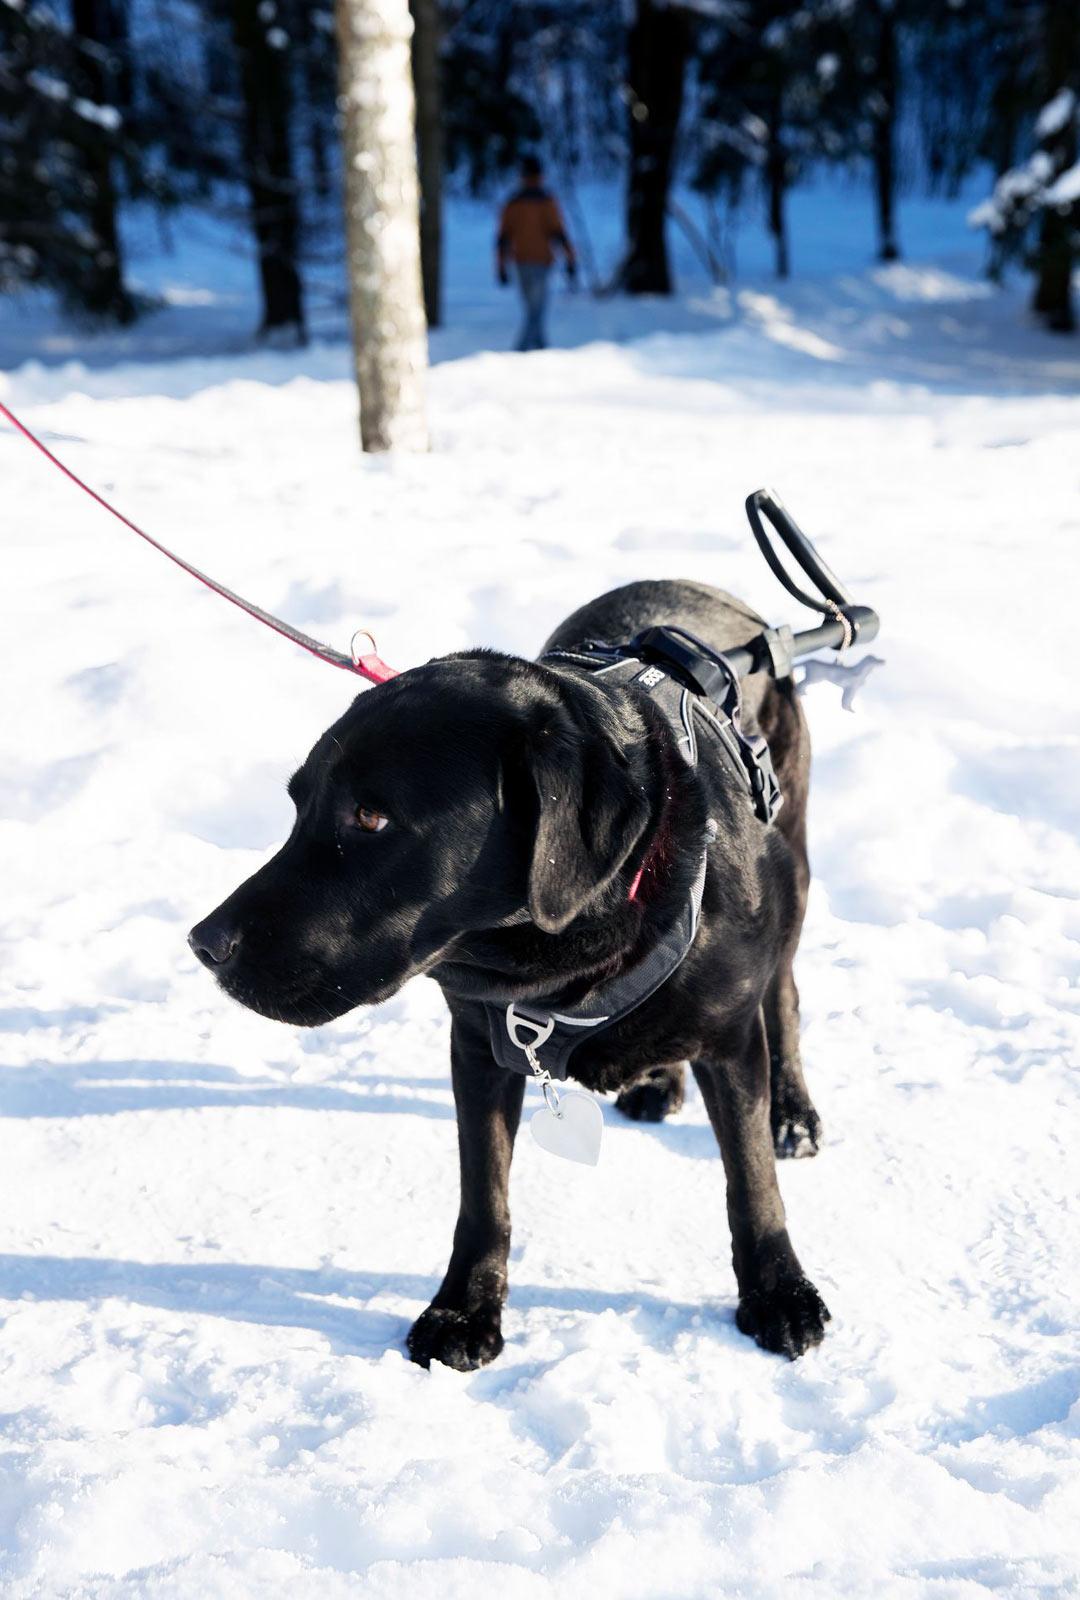 Opaskoira ei saa kiinnittää liikaa huomiota ulkoisiin ärsykkeisiin, kuten ulosteisiin tai toisiin koiriin.